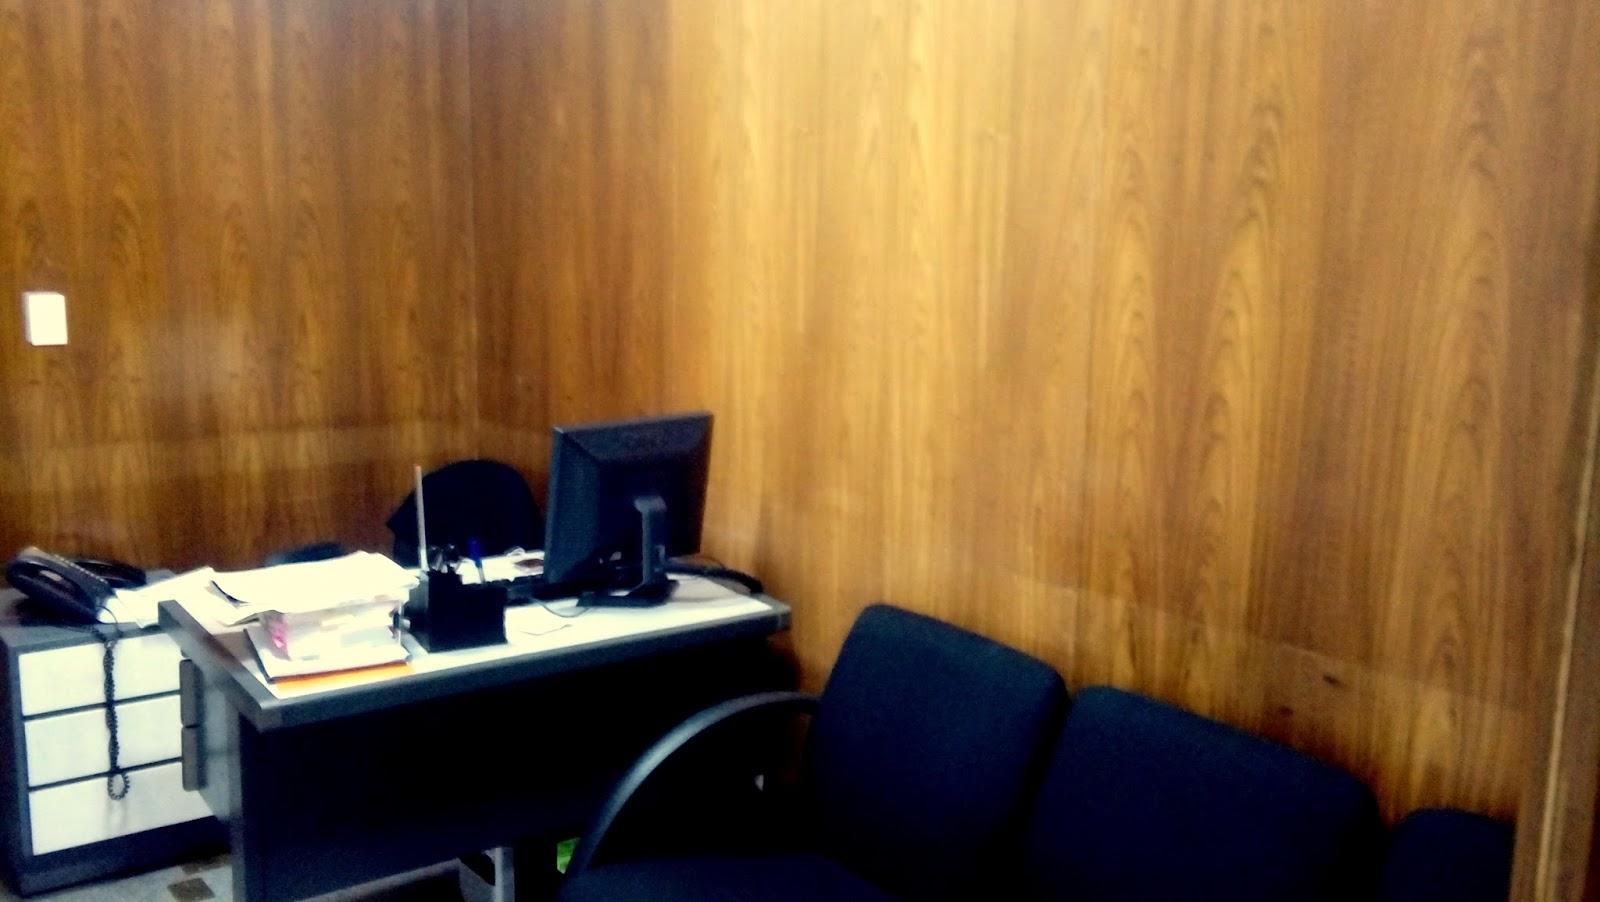 ARQUITETURA&ARTE: Projeto de interiores escritório de advocacia #B47D17 1600x902